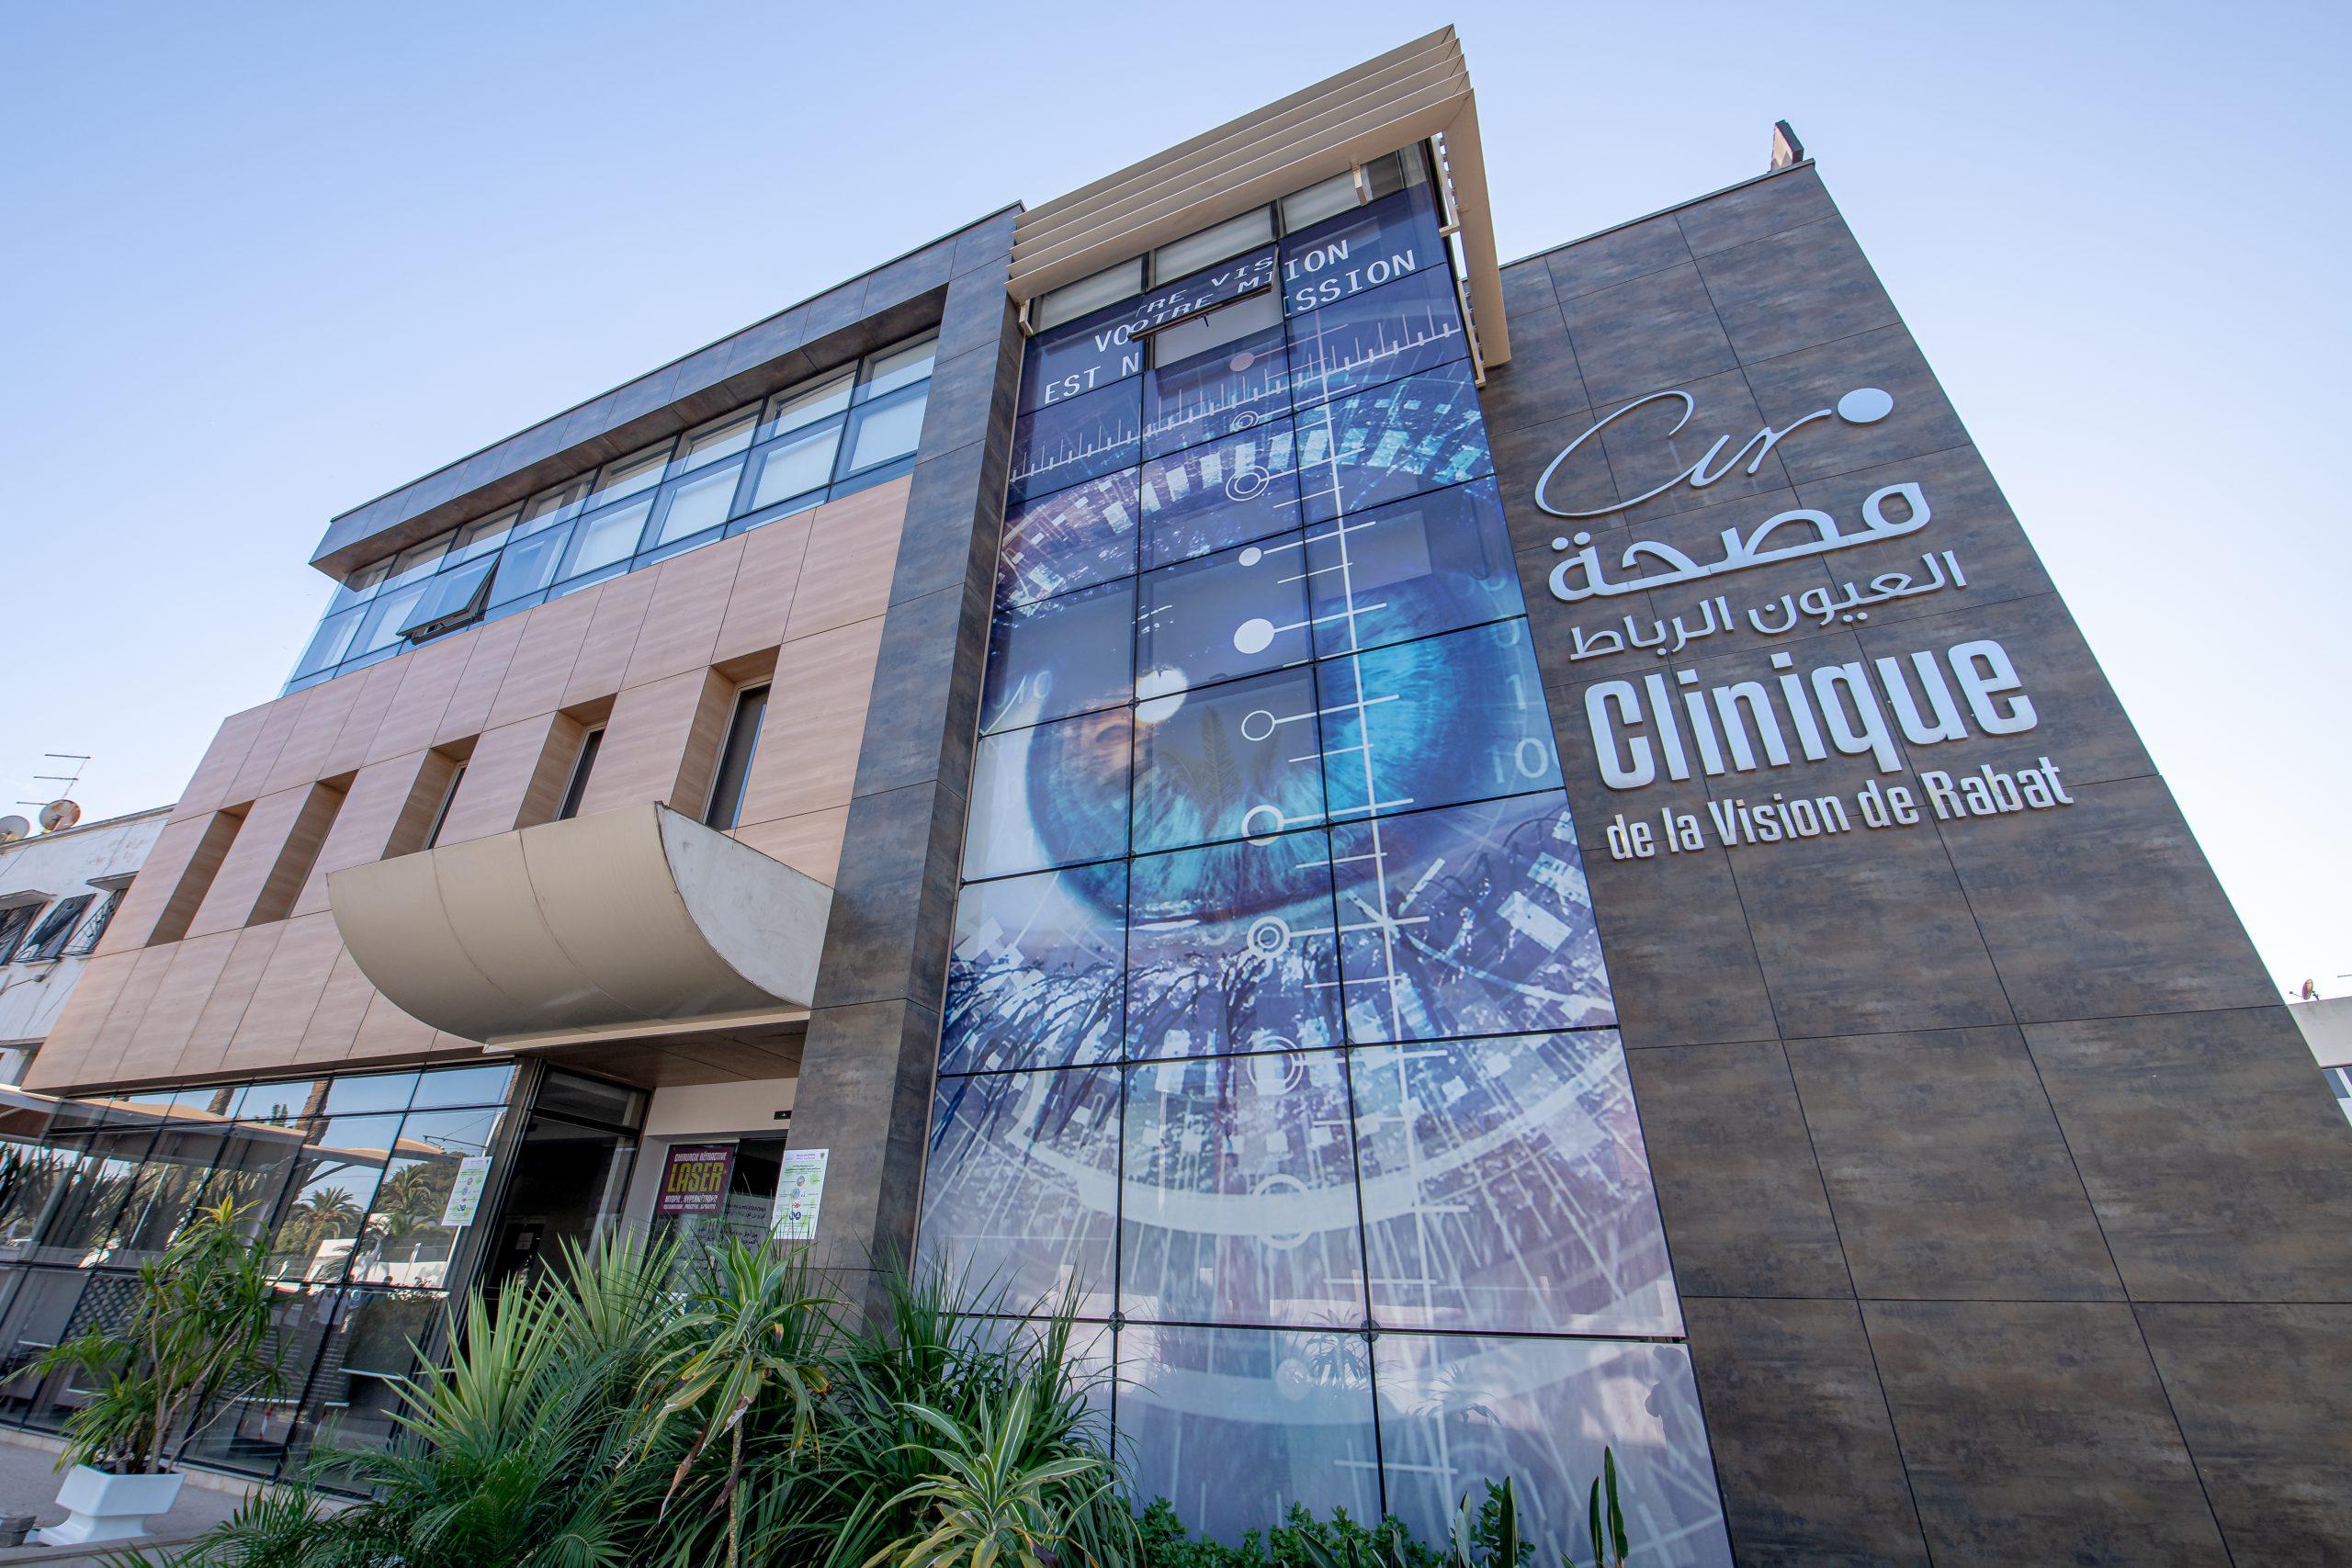 Façade clinique de la vision de Rabat